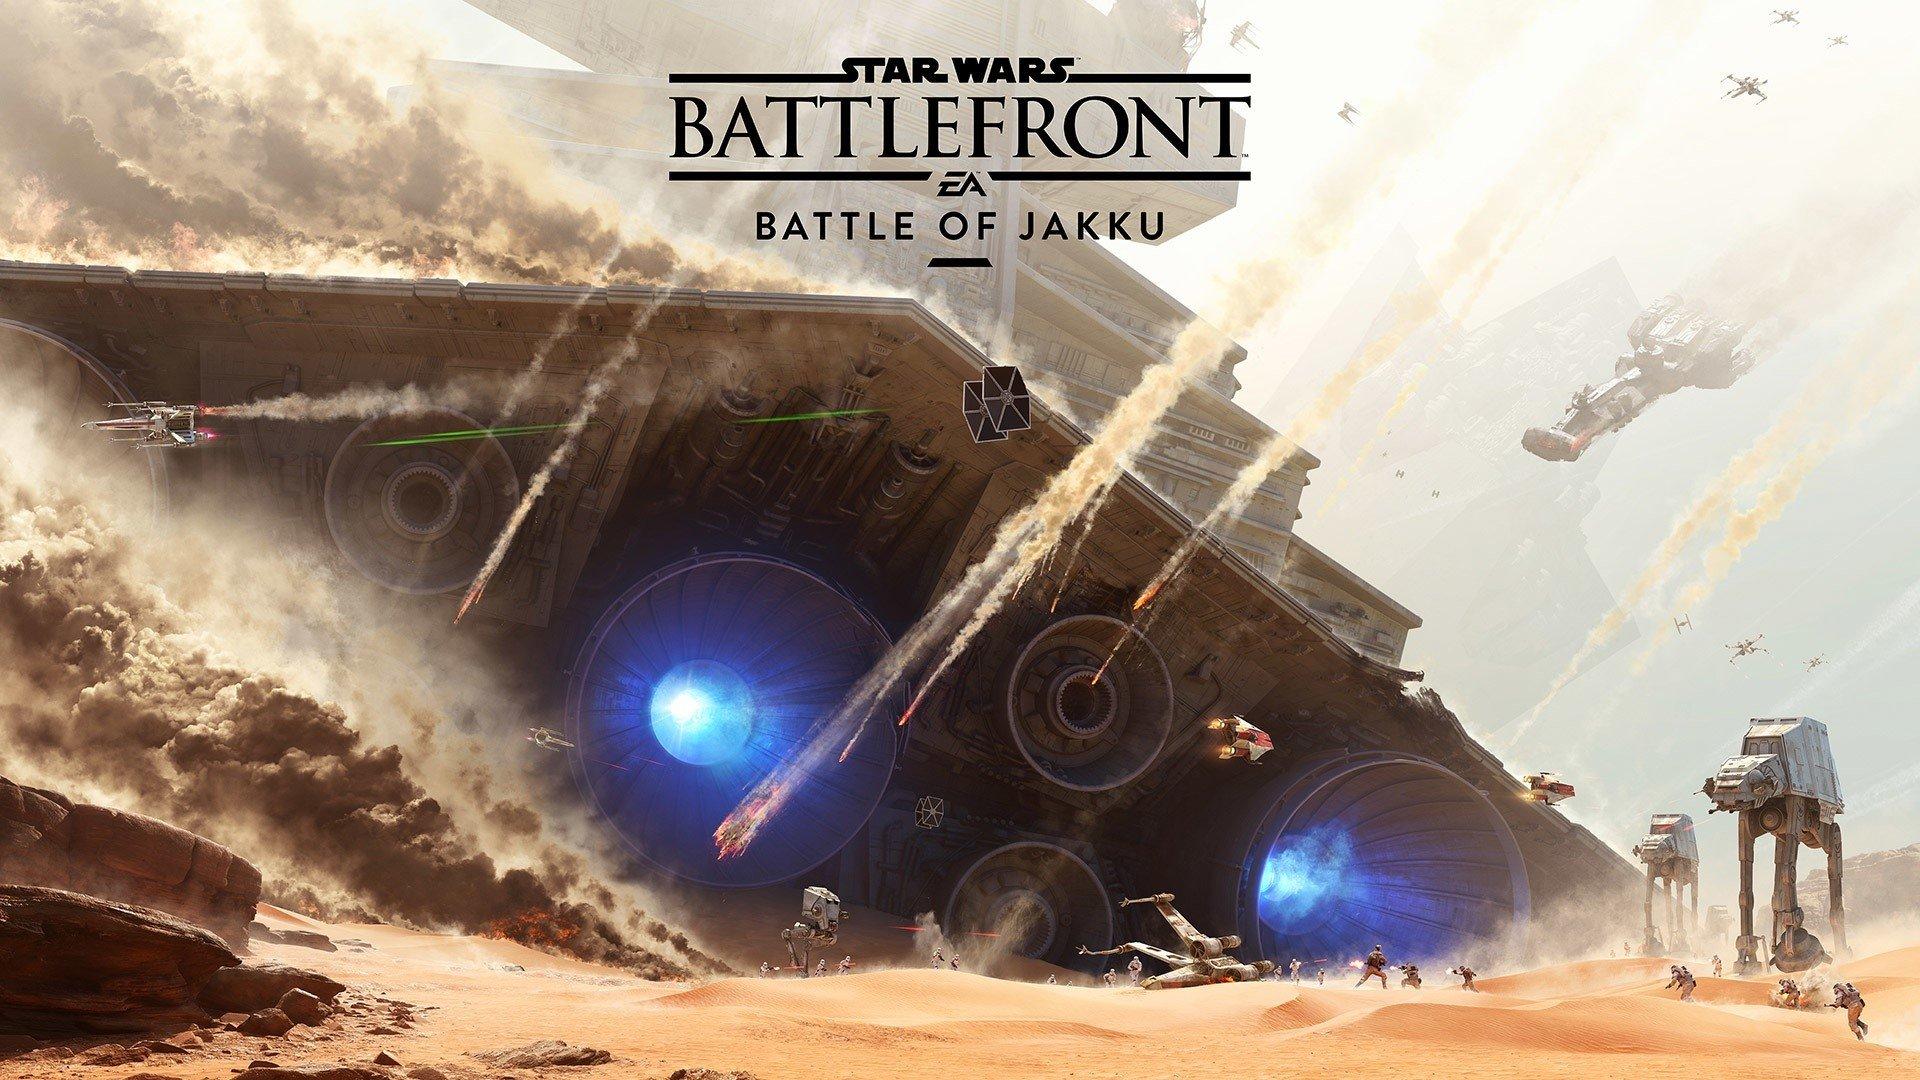 Wallpaper Battle of Jakku in Star Wars Battlefront